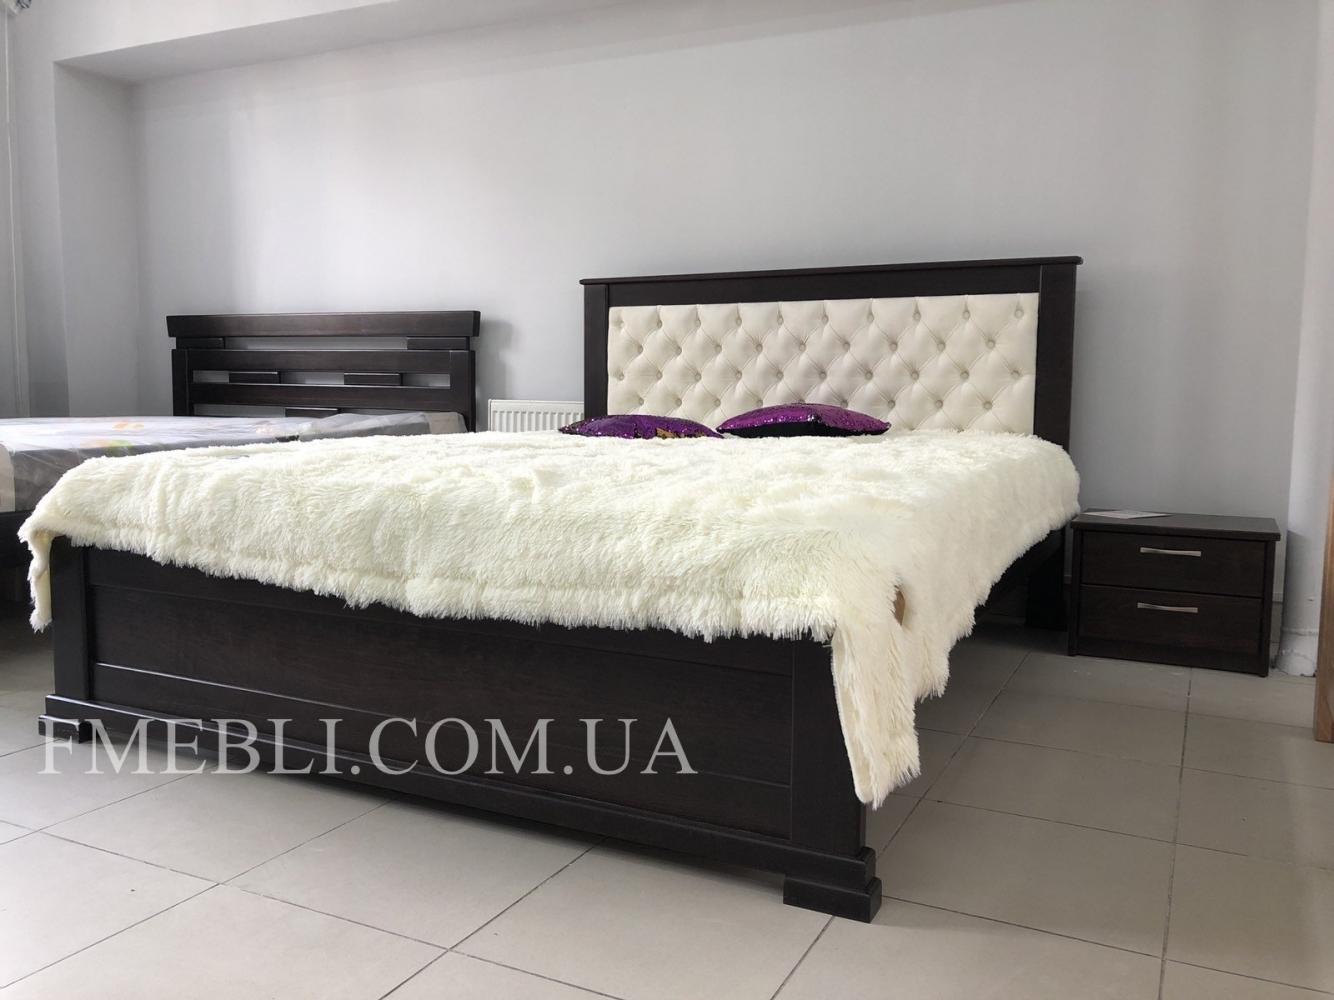 Ліжко Лорд М50 ЛЕВ 9